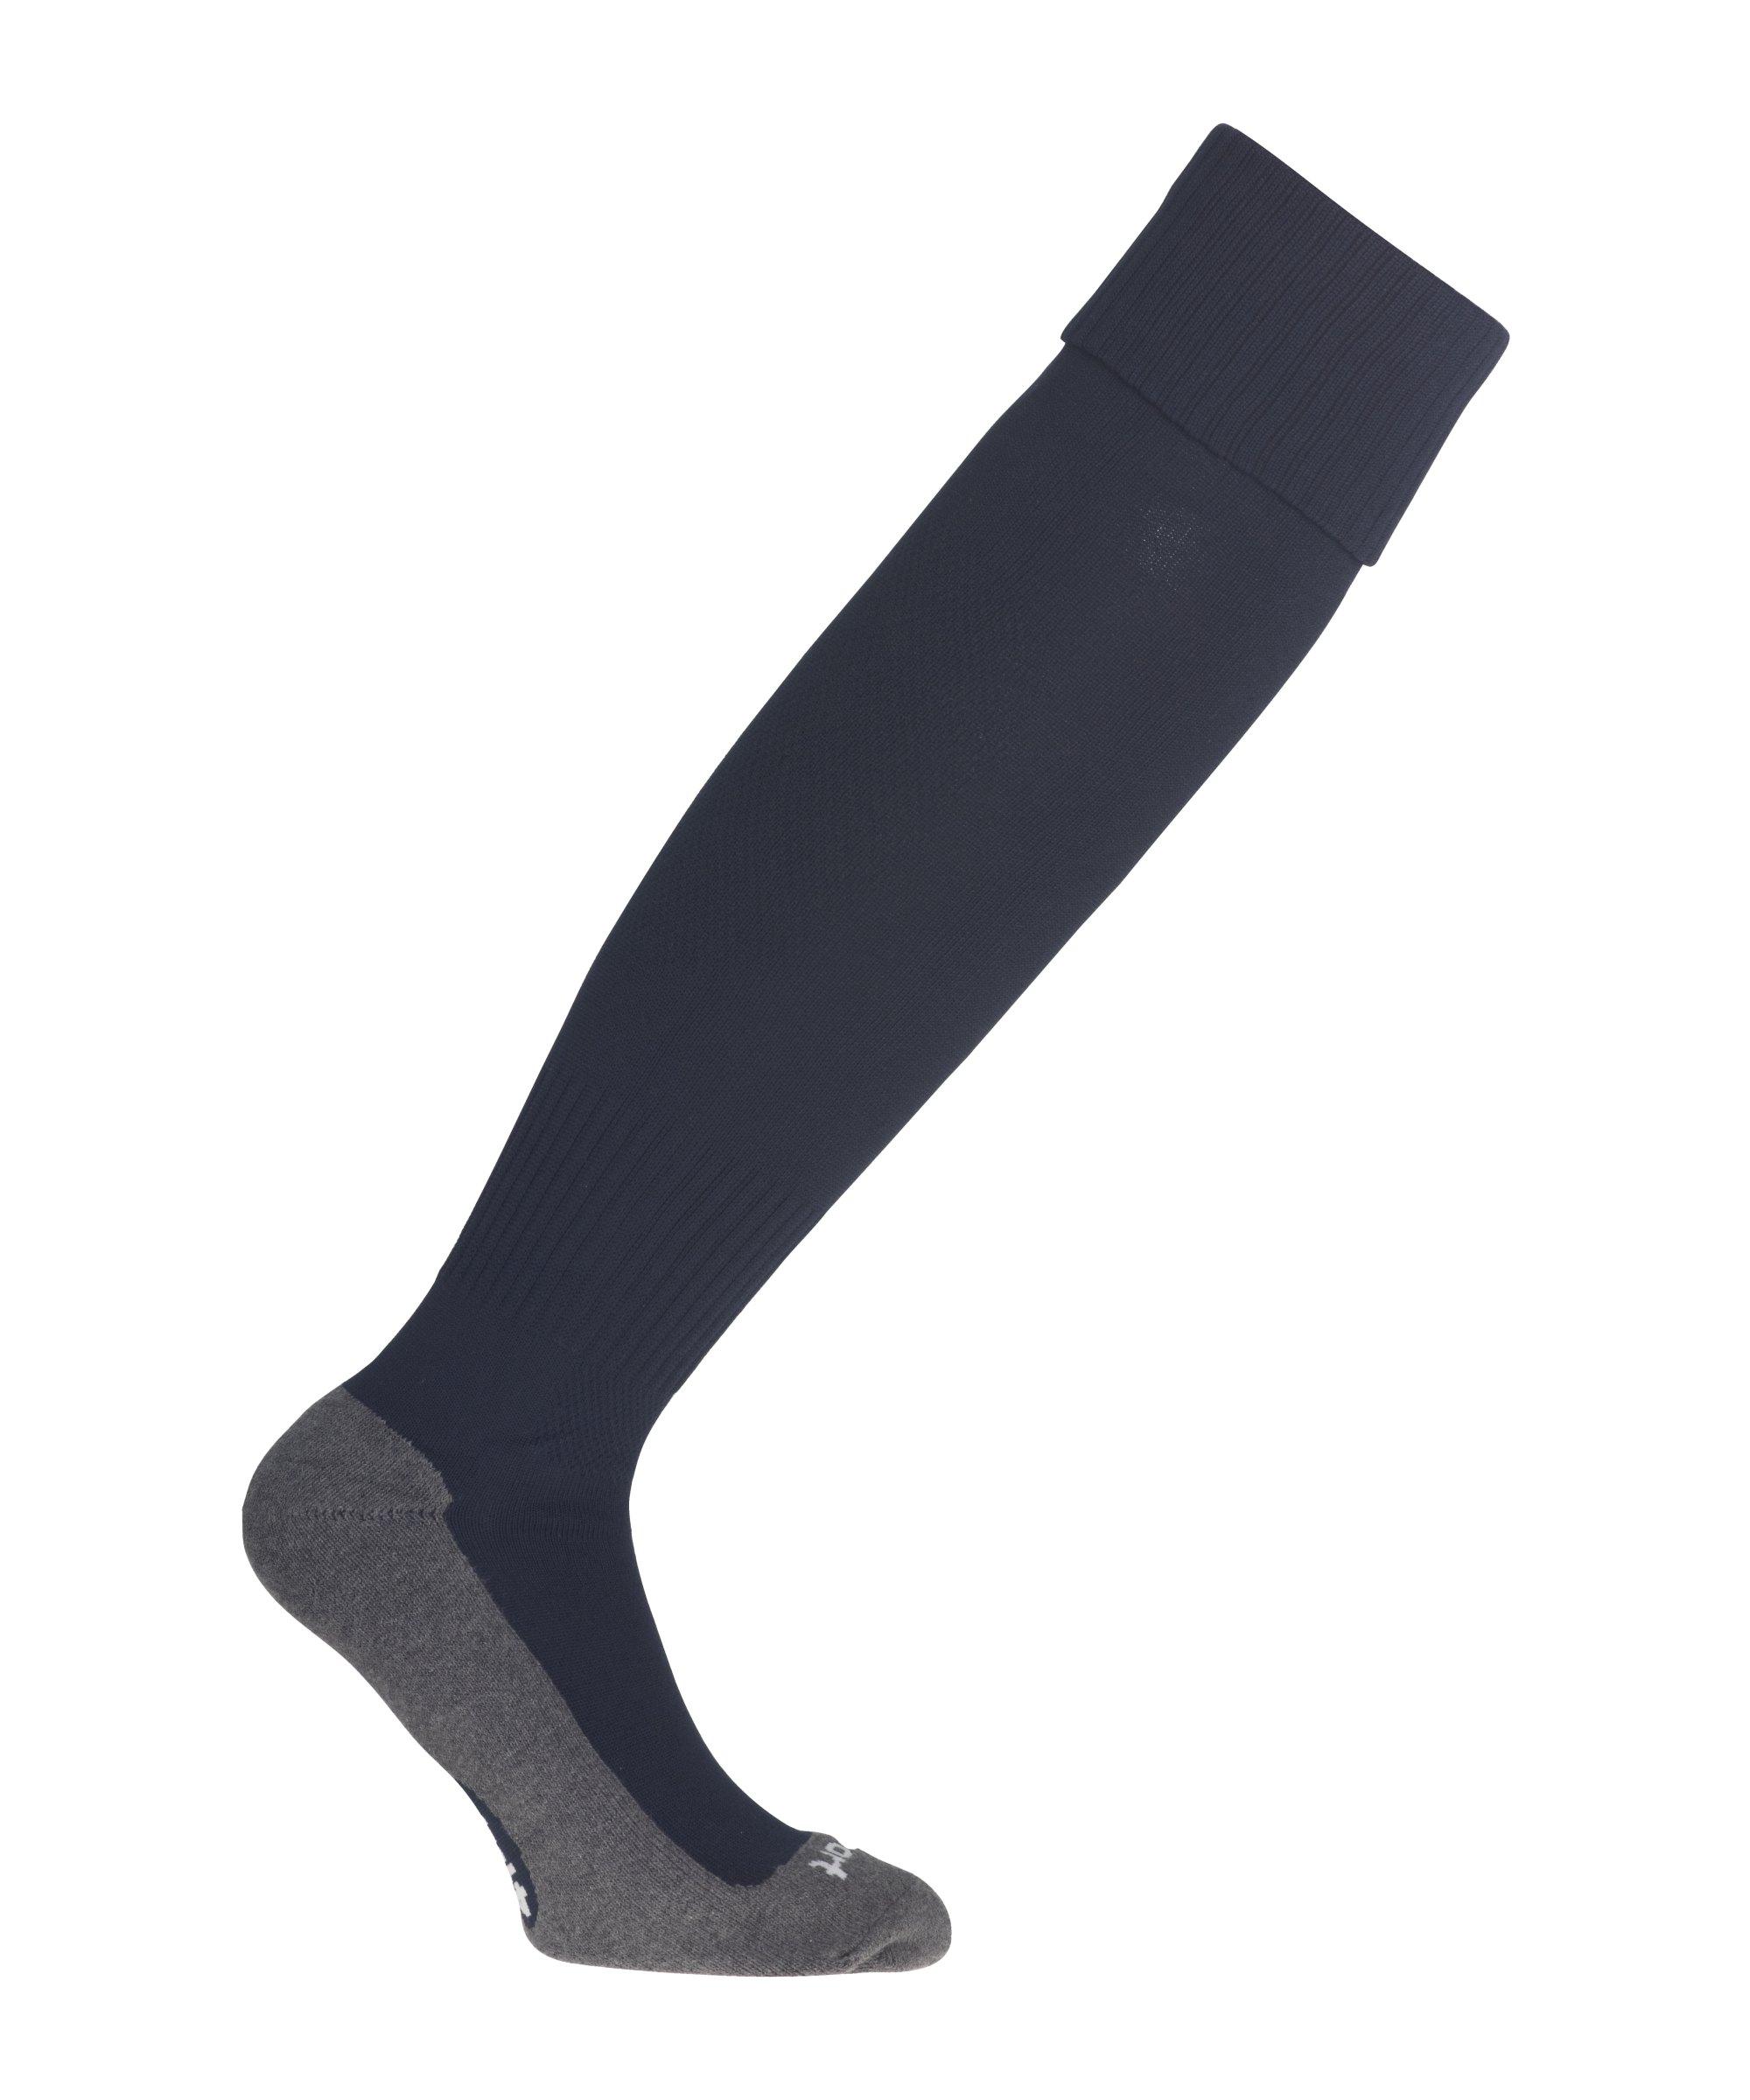 Uhlsport Stutzenstrumpf Team Pro Essential F13 - blau